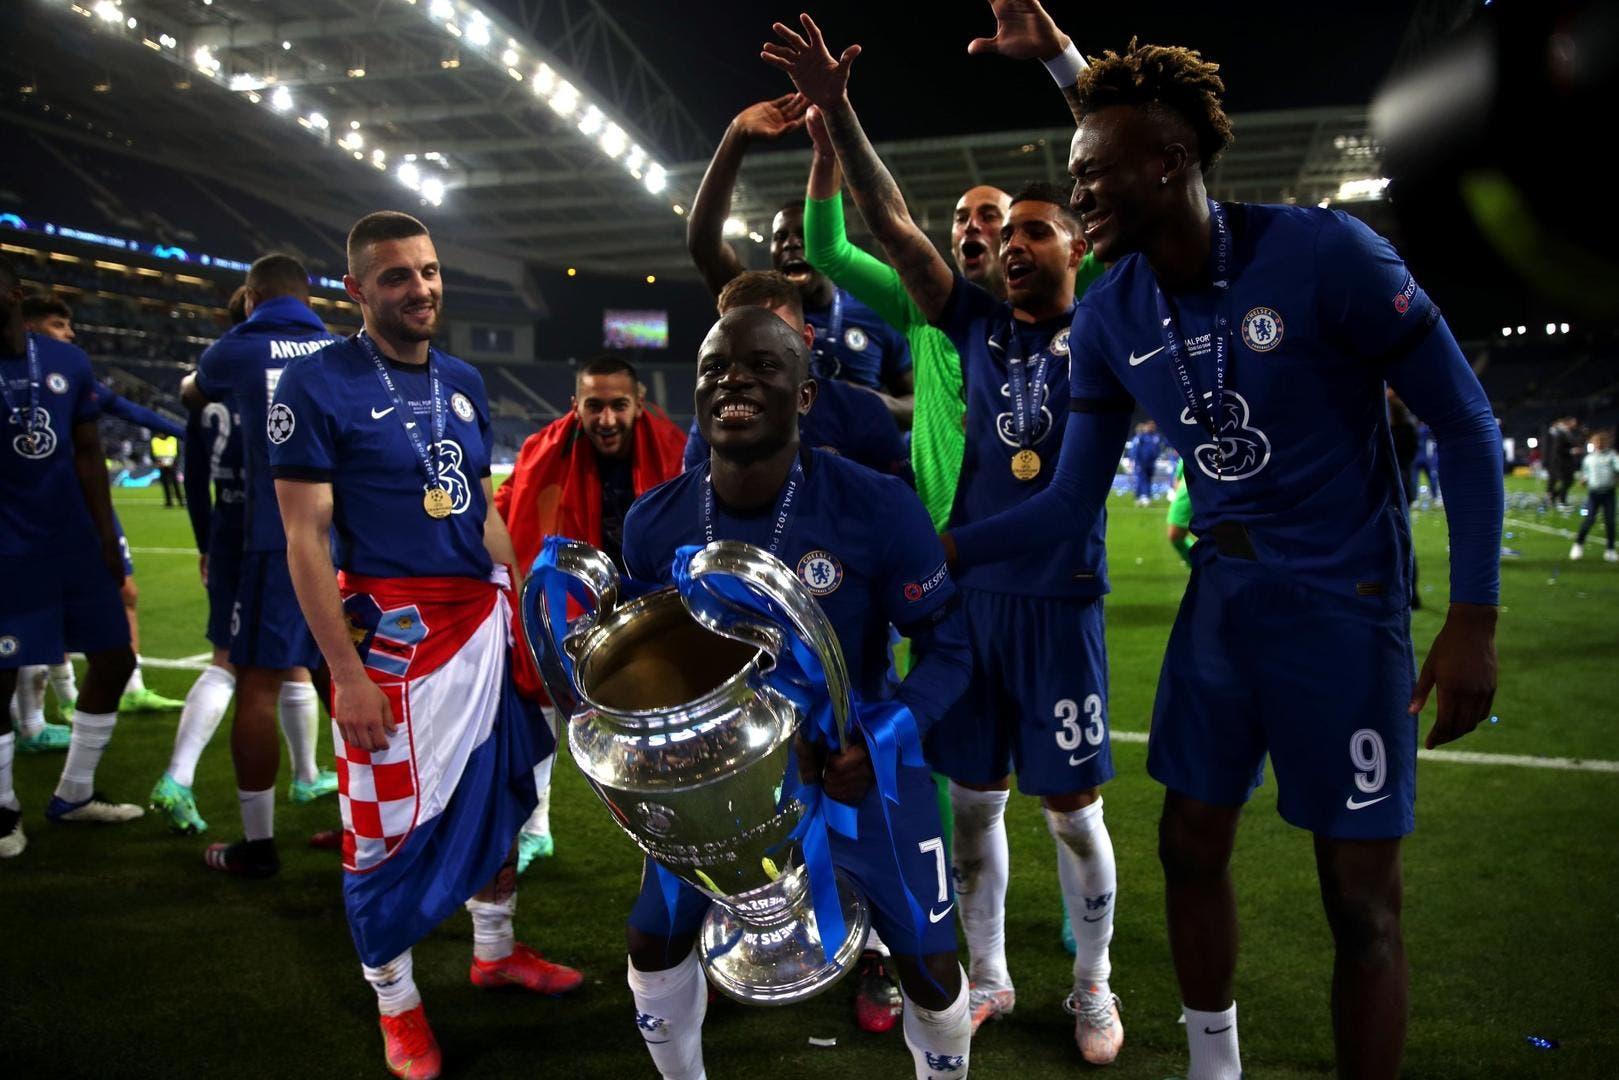 CHAMPIONS LEAGUE : N'GOLO KANTÉ, L'HOMME QUI N'AVAIT JAMAIS LE BLUES